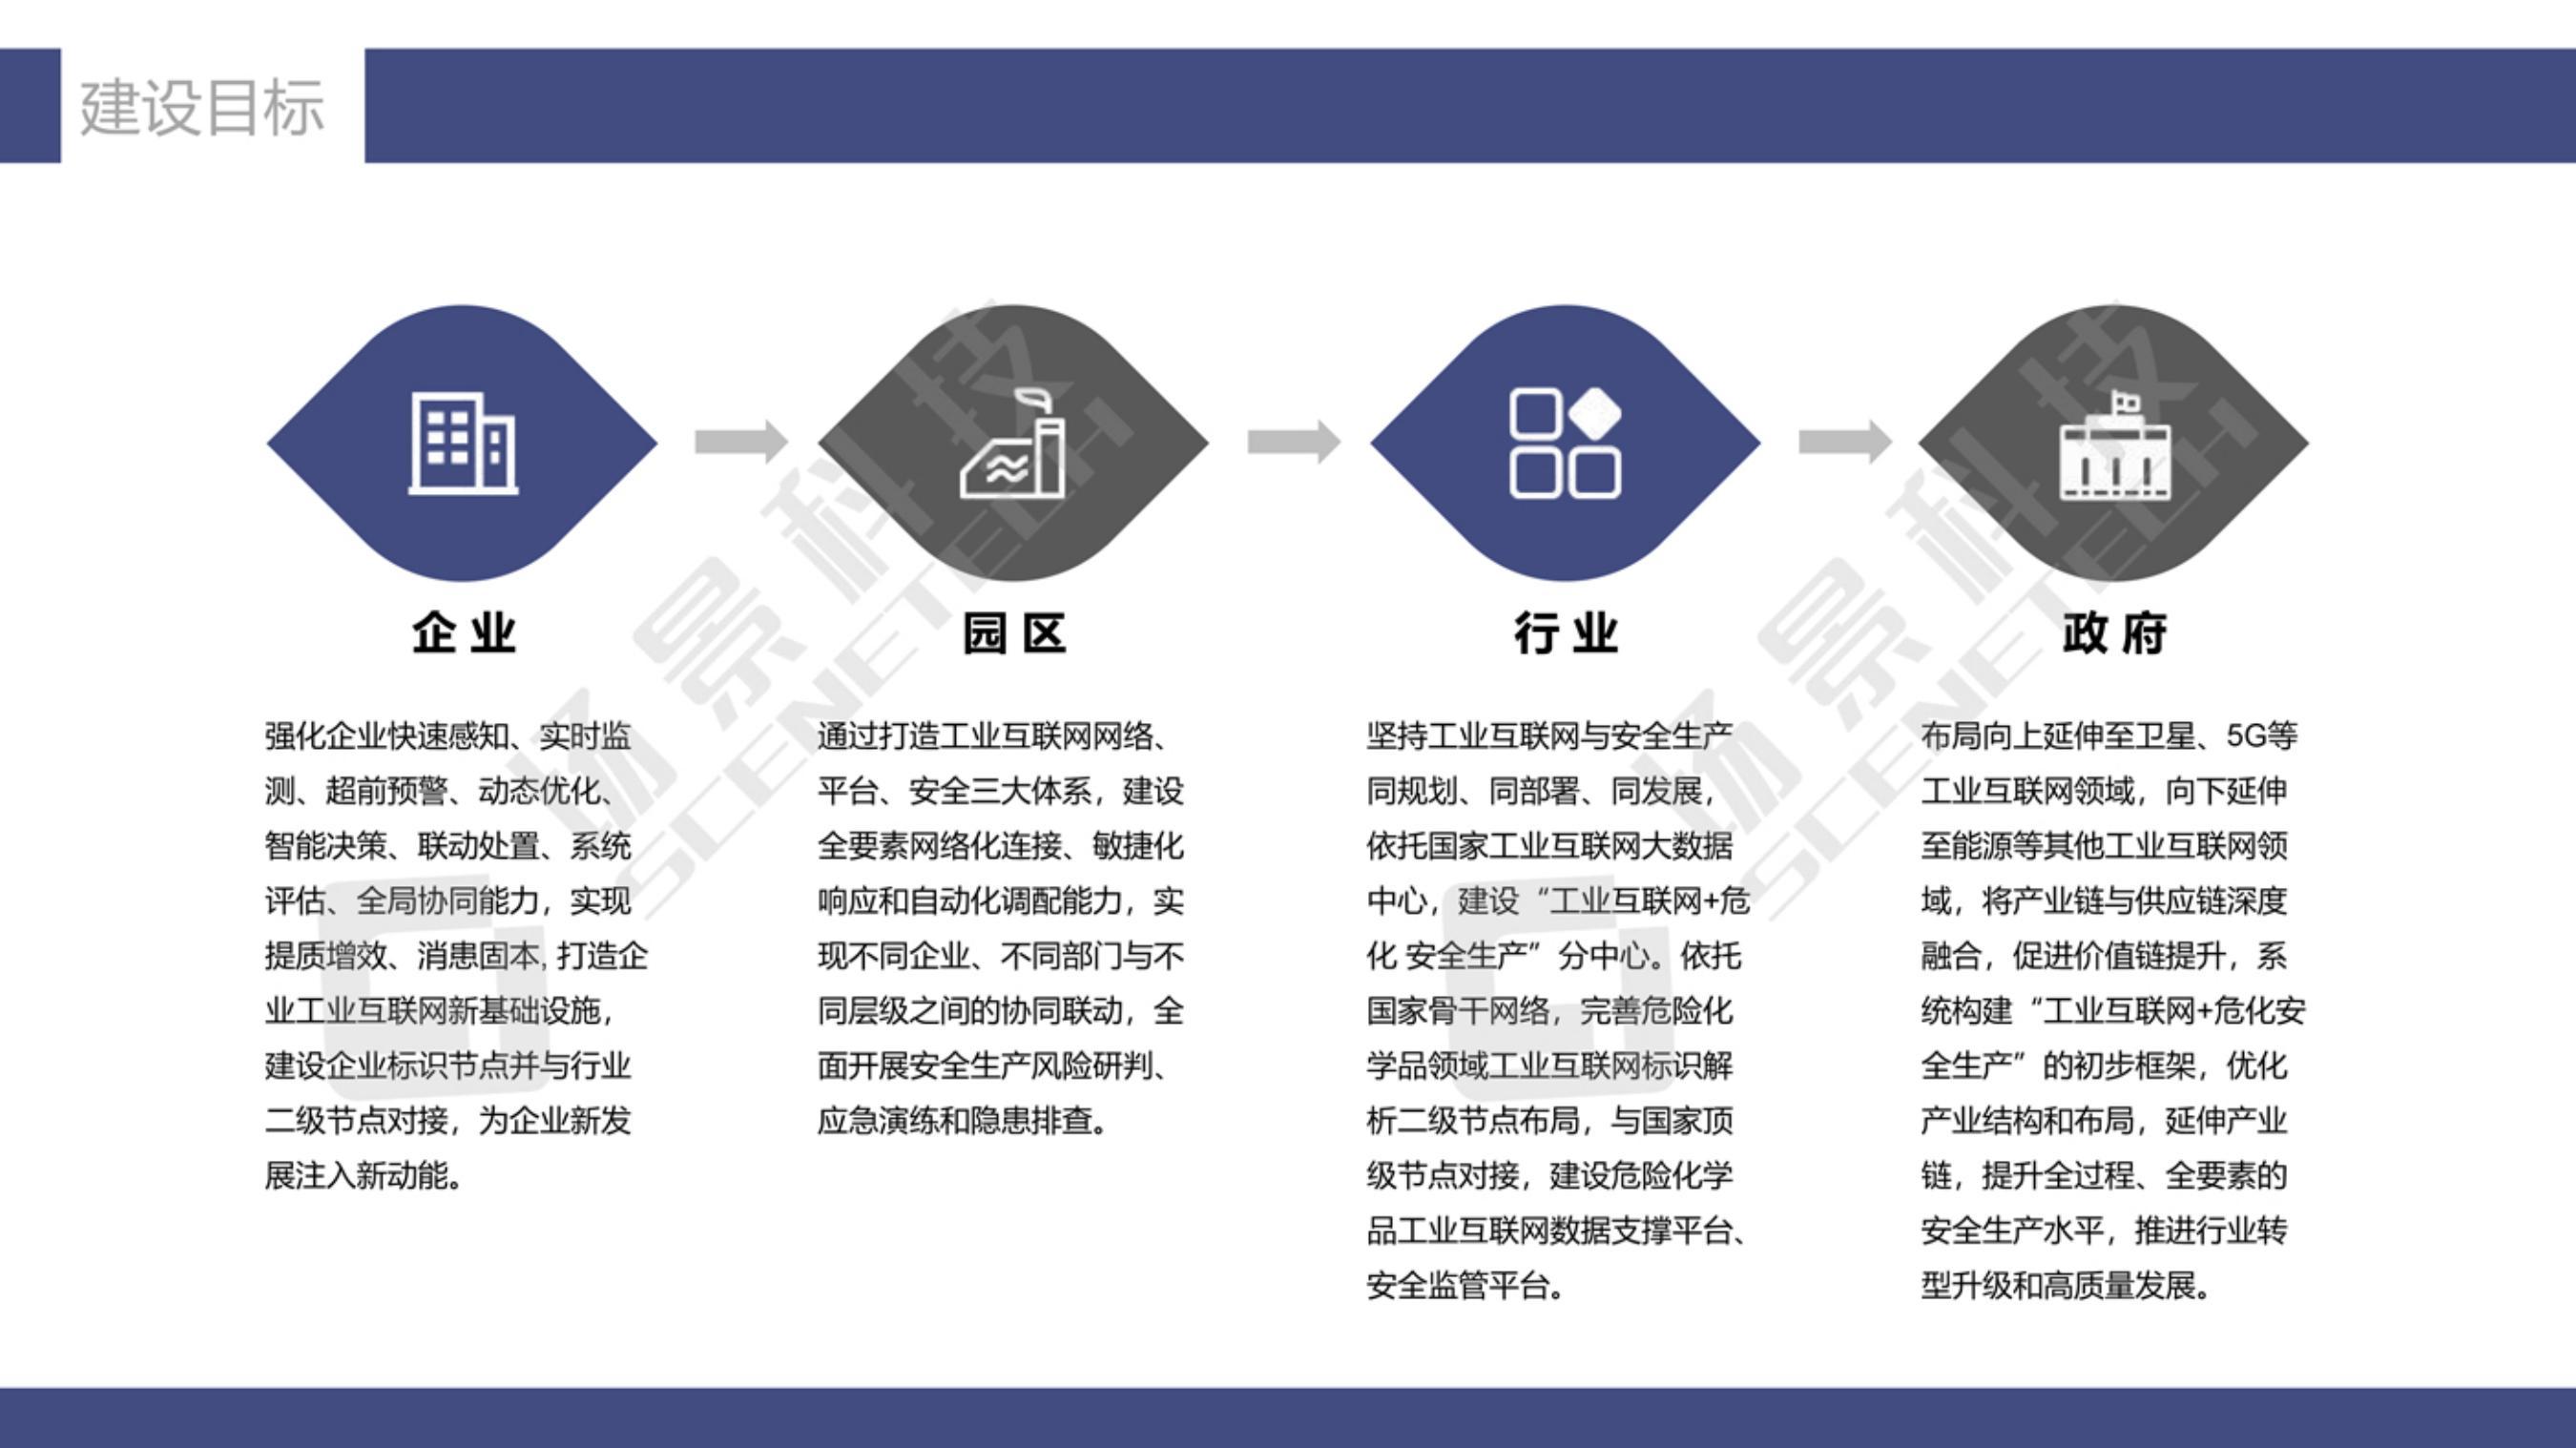 化工安全生产信息化管理解决方案20210511_05